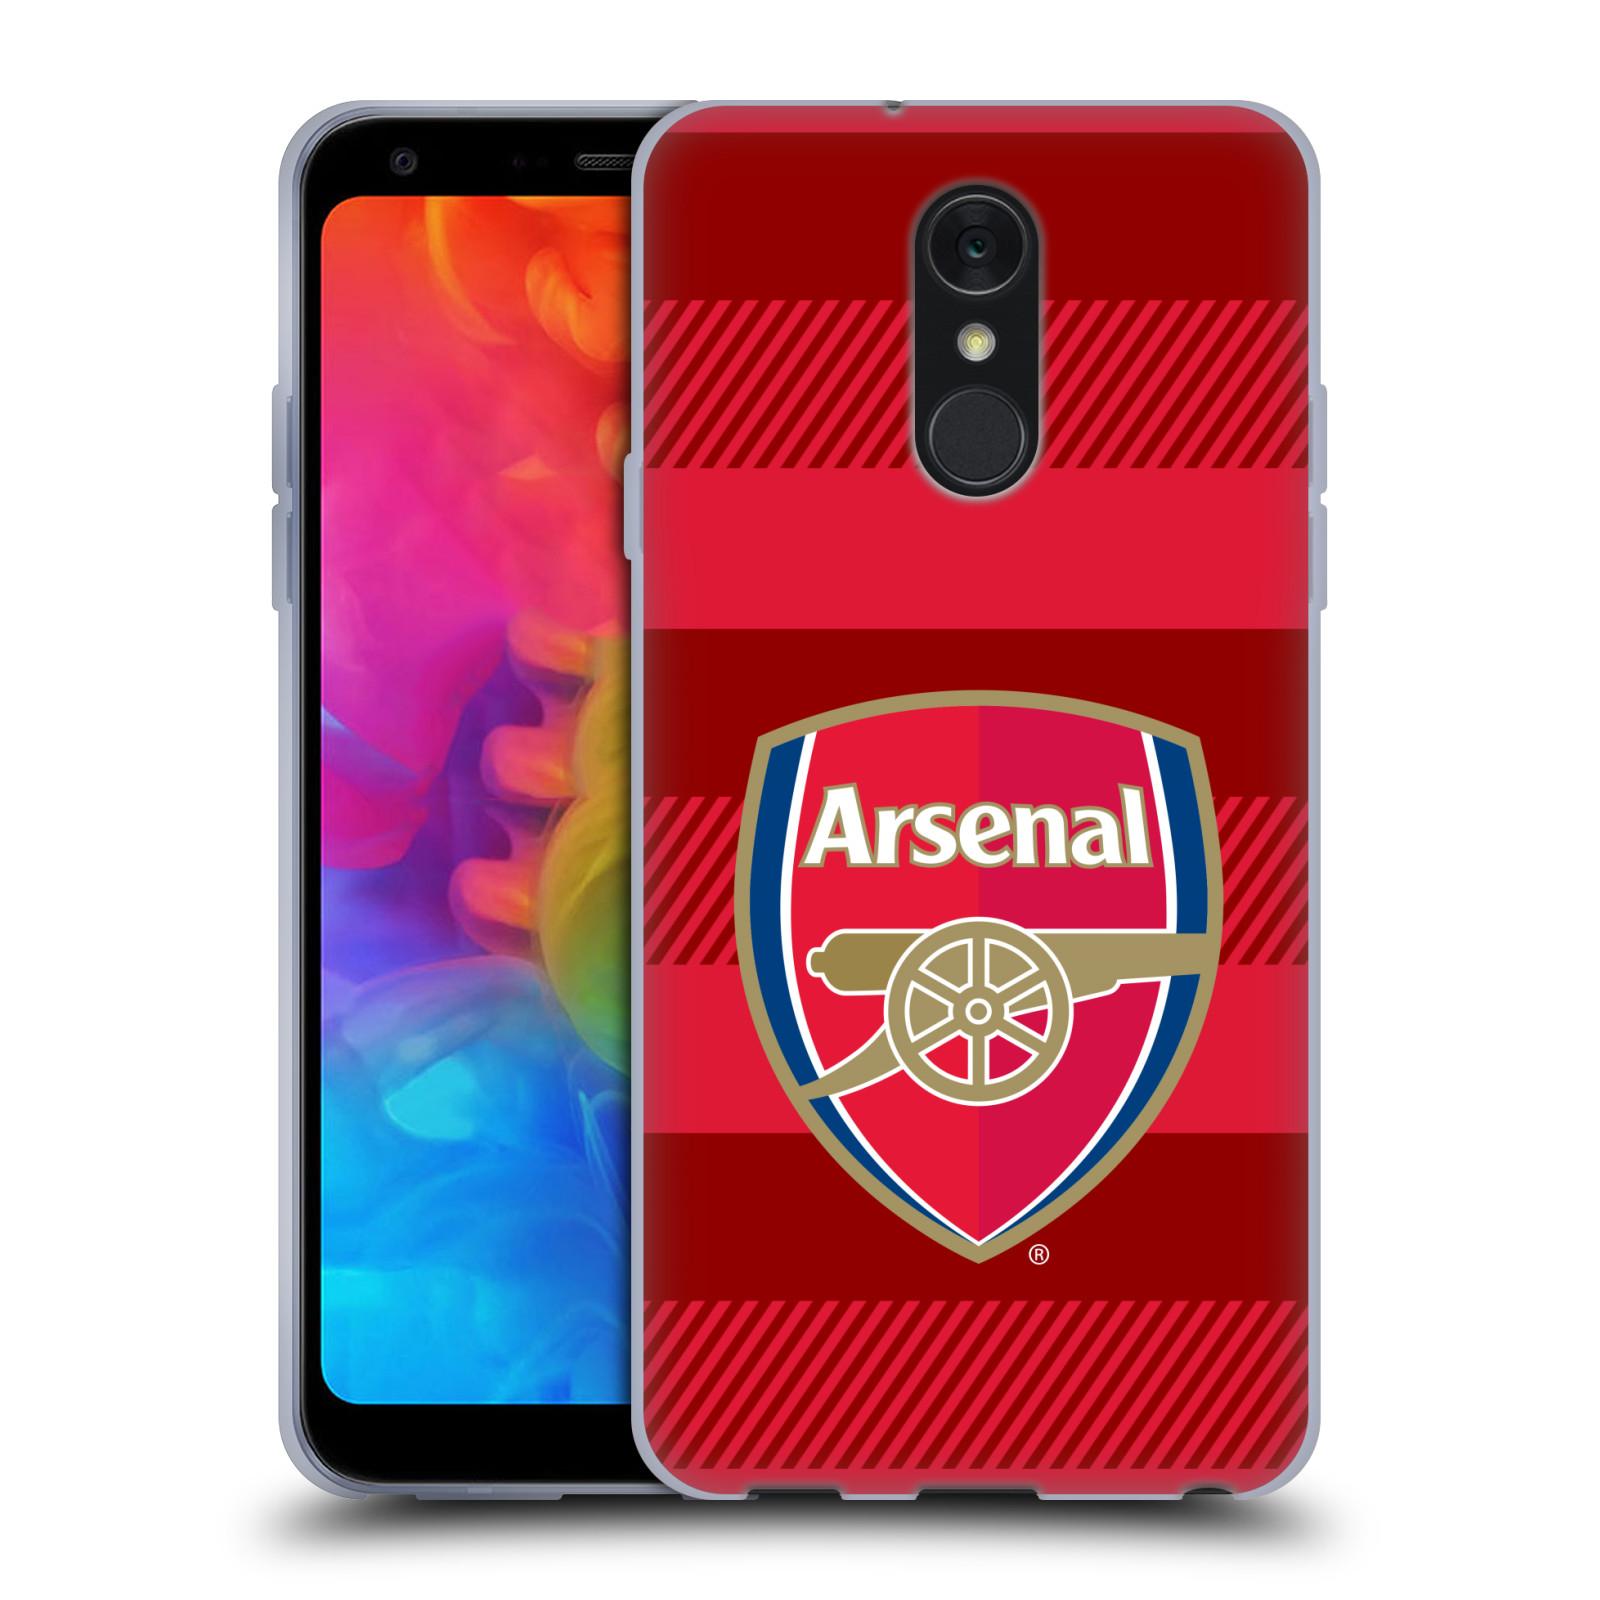 Silikonové pouzdro na mobil LG Q7 - Head Case - Arsenal FC - Logo s pruhy